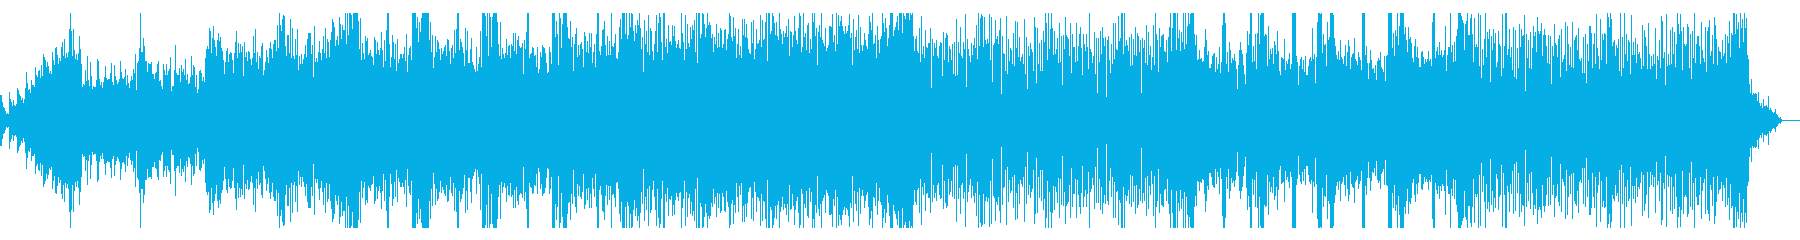 グリッジでサスペンシブなIDMの再生済みの波形